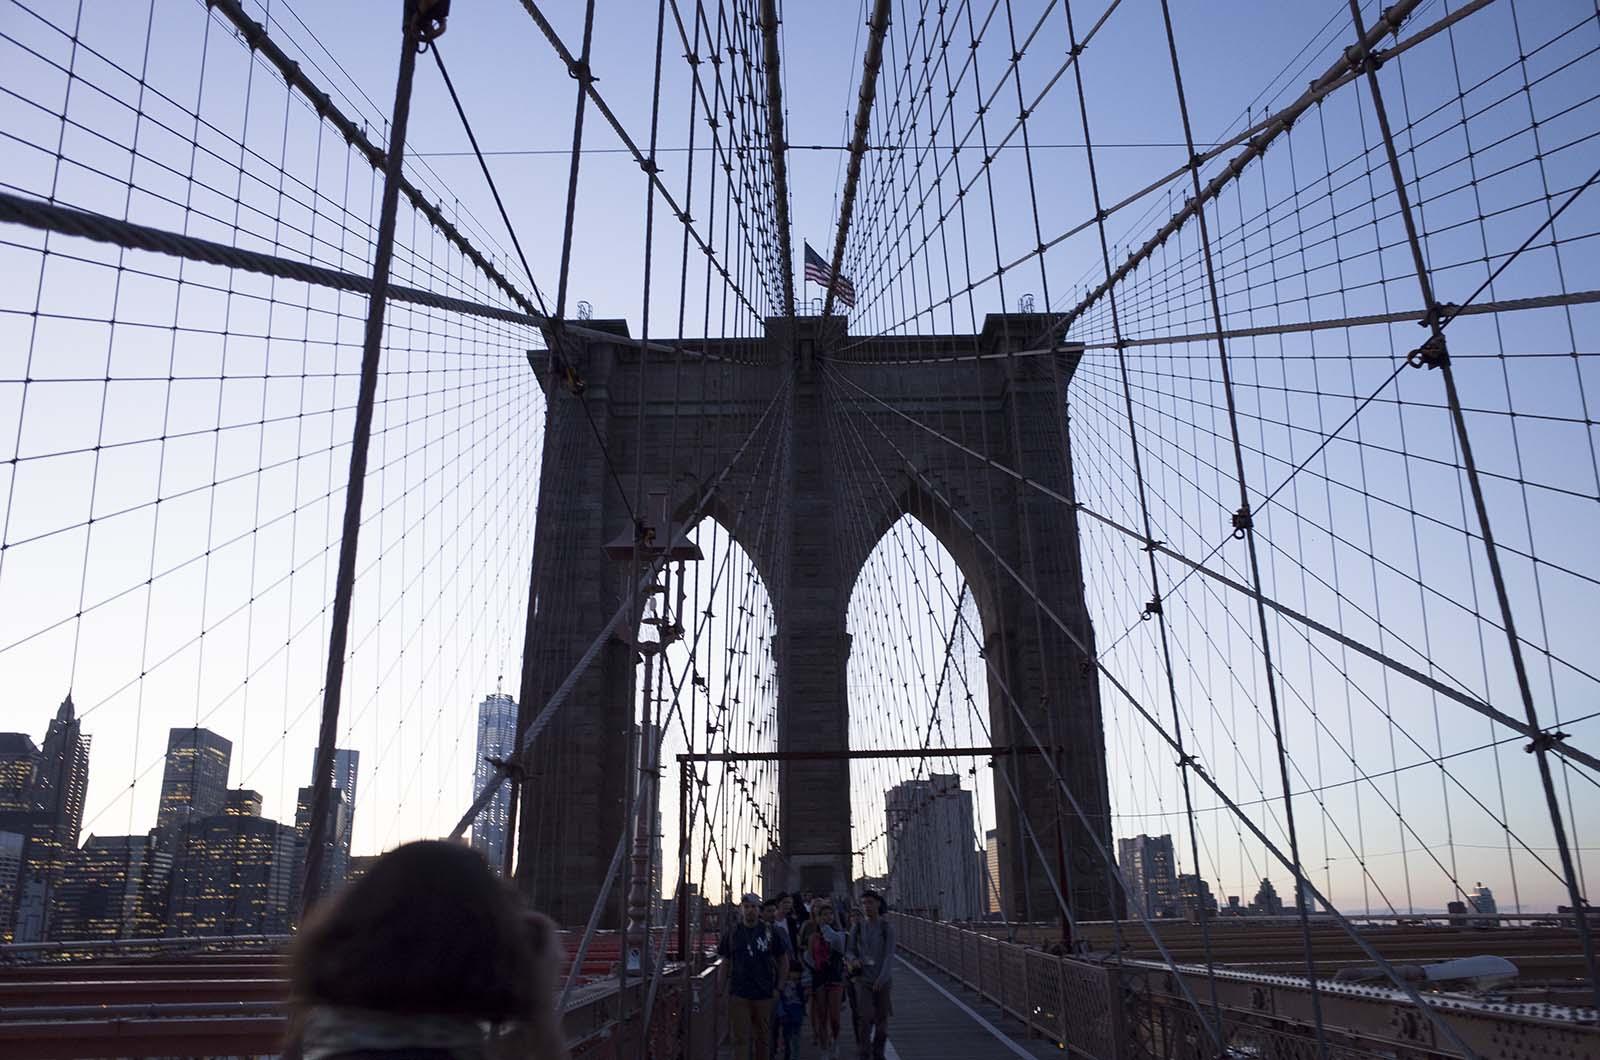 アメリカの旅2014:またブルックリンブリッジ渡る